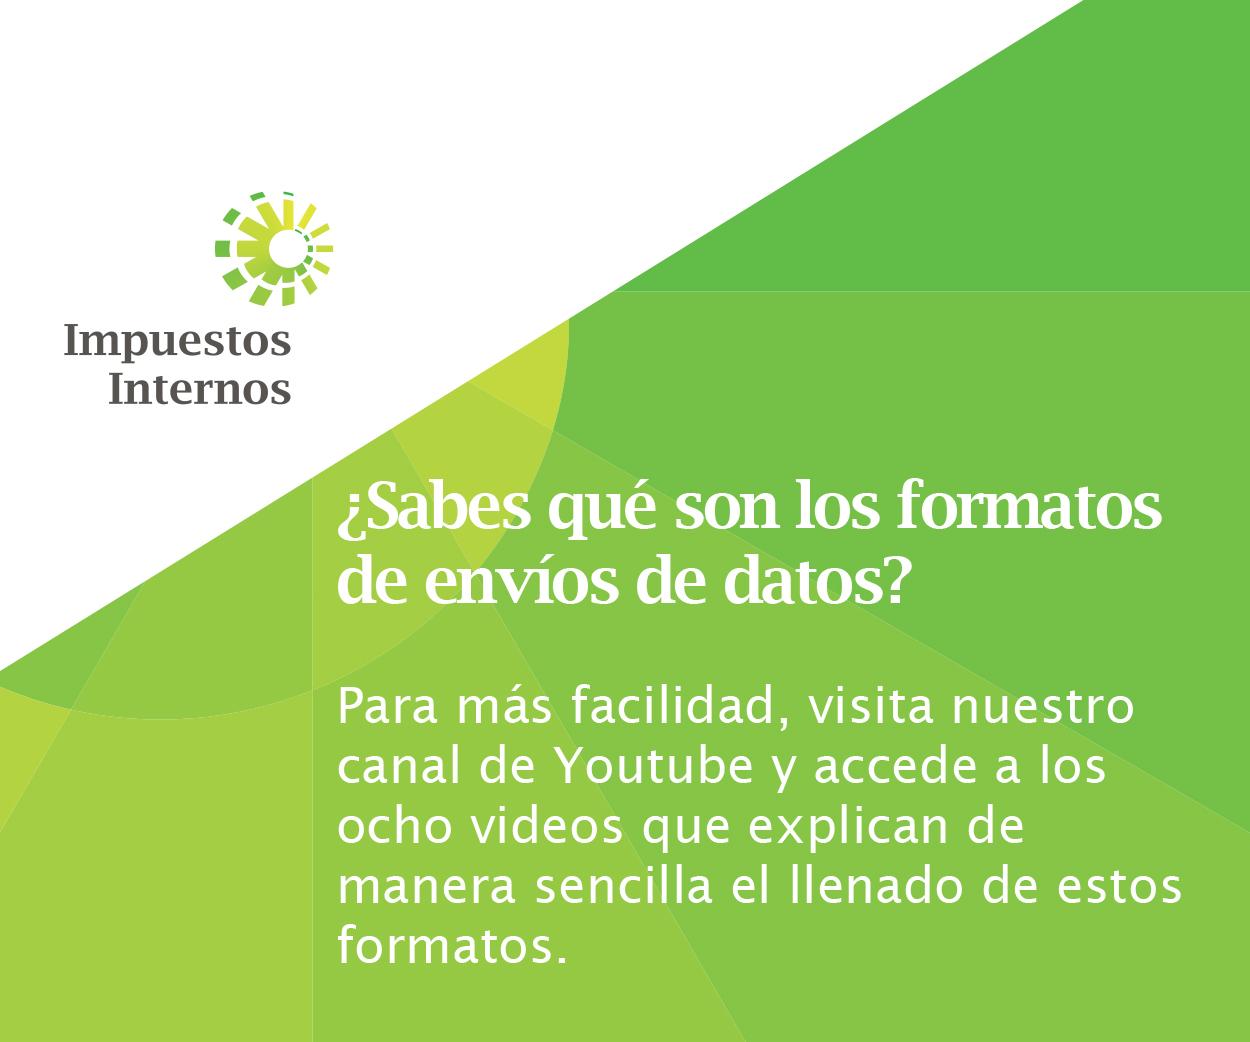 DIRECCIÓN GENERAL DE IMPUESTOS INTERNOS (DGII)